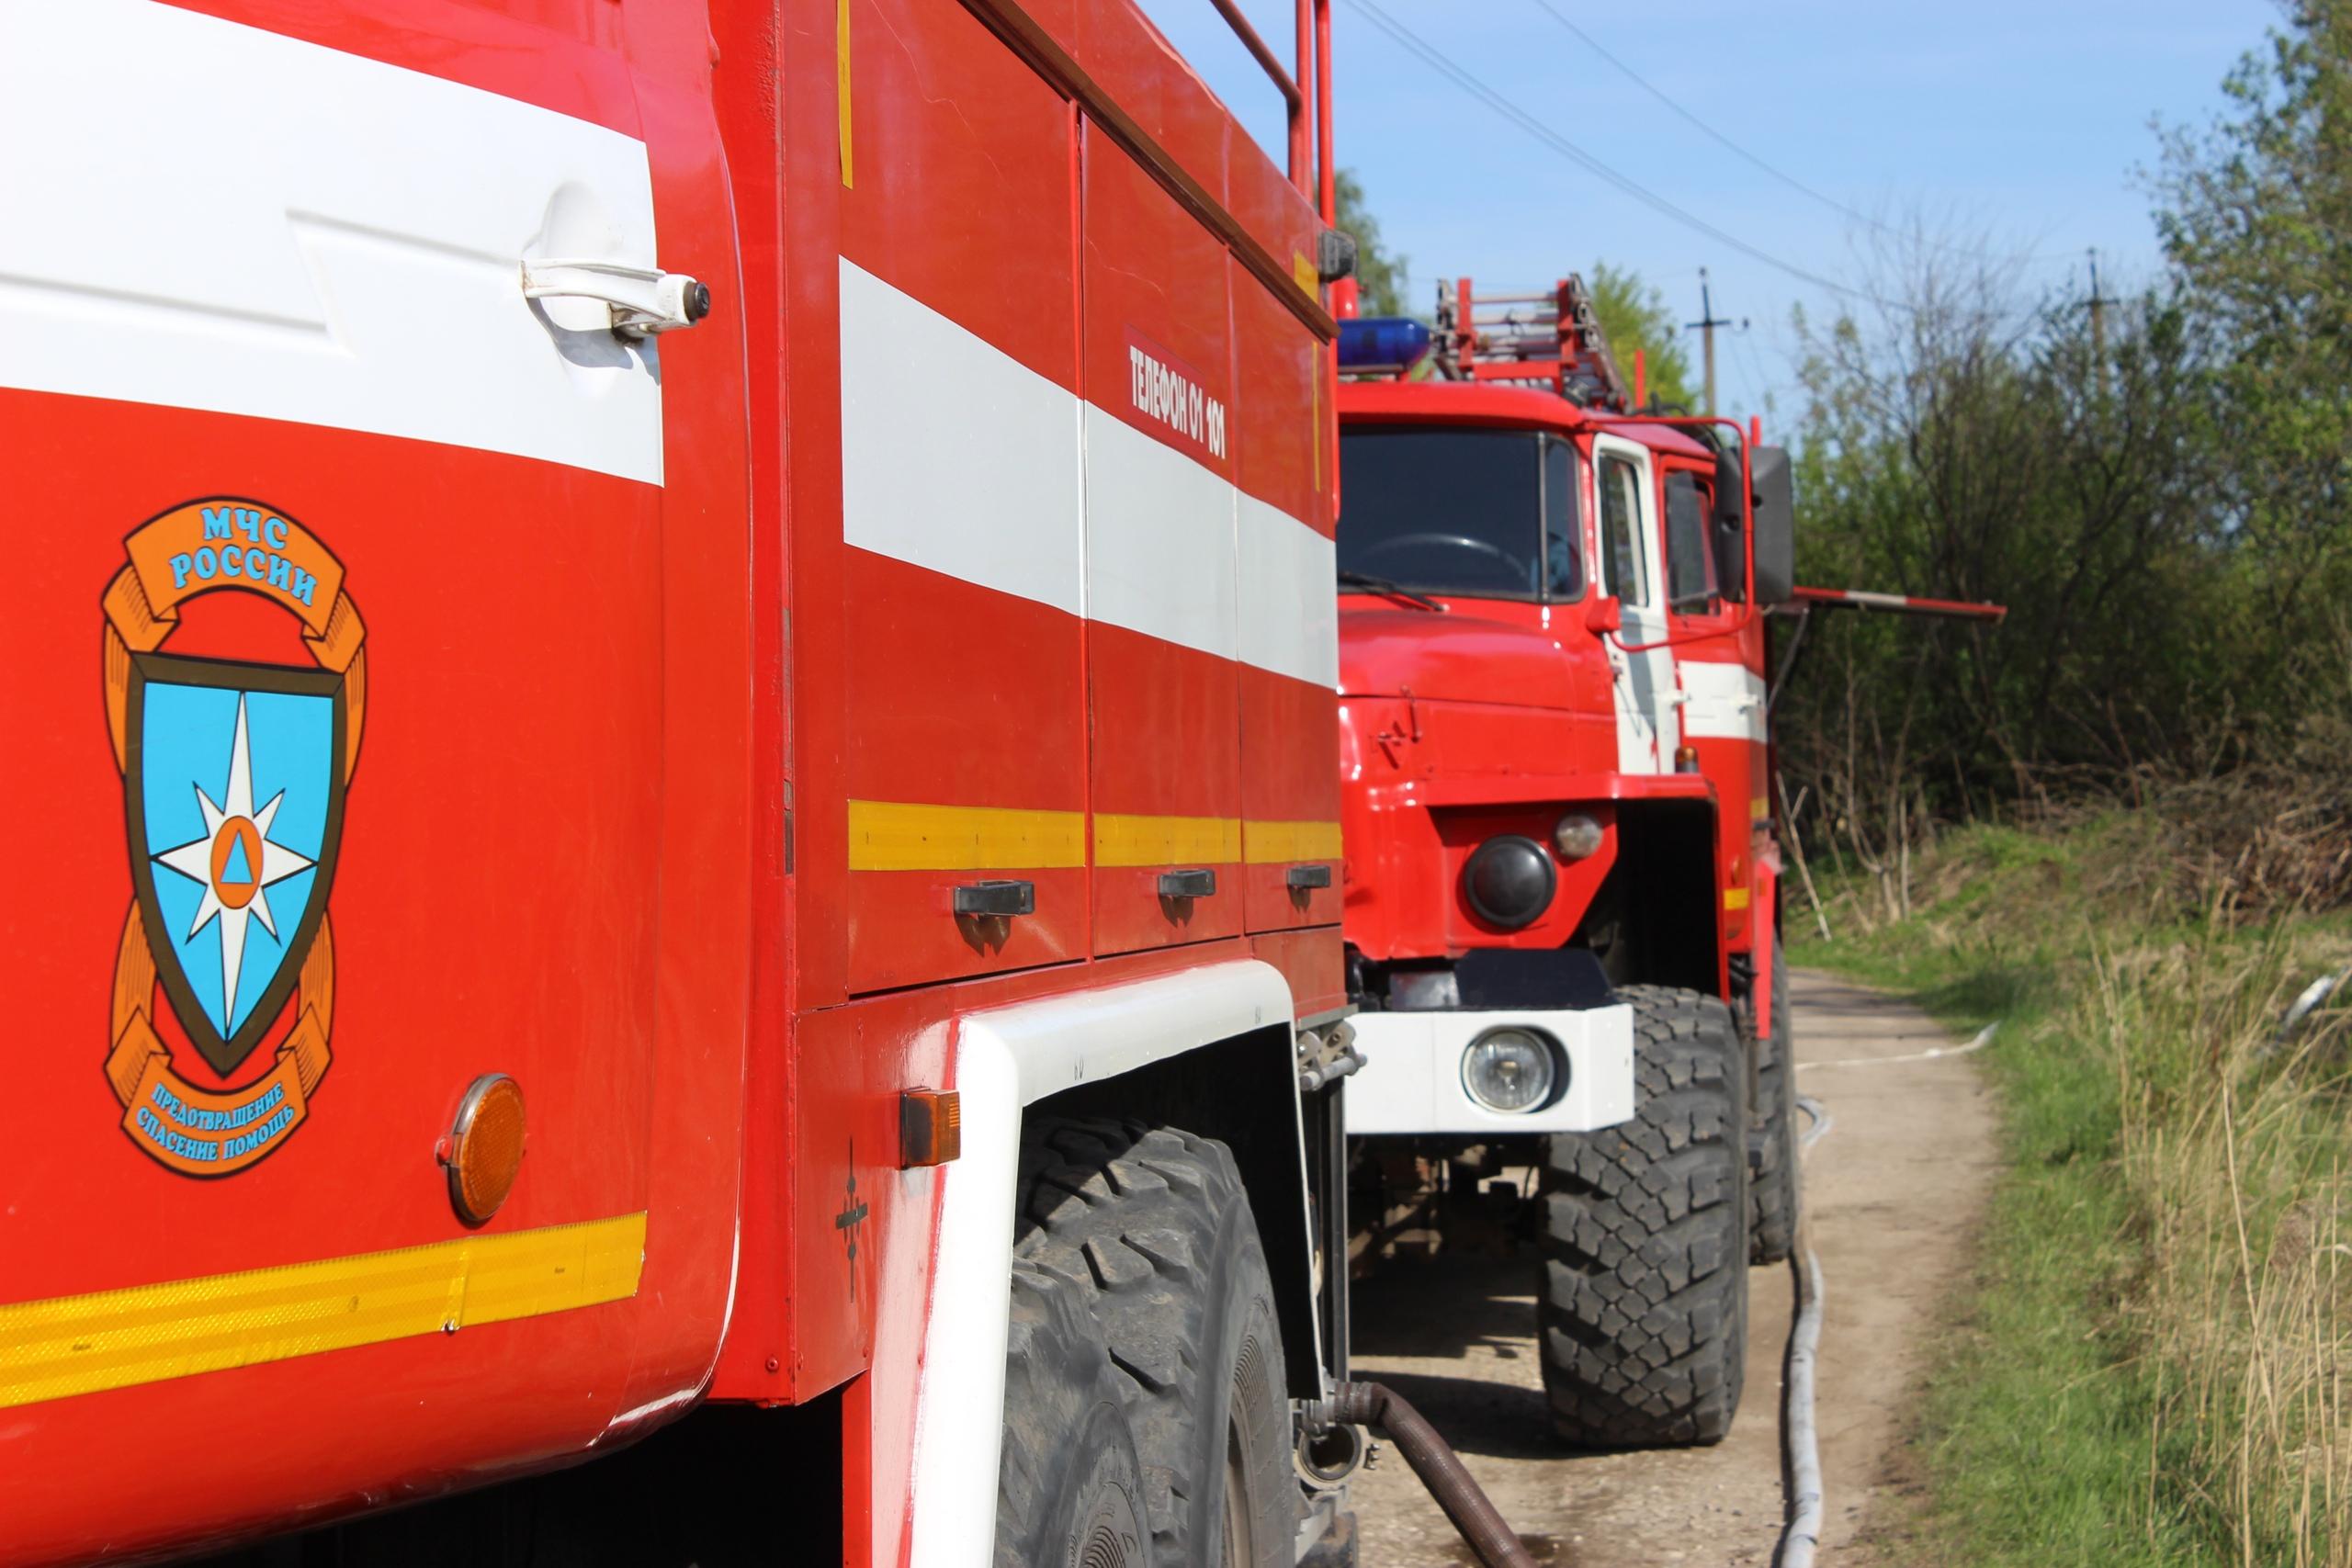 Пожилая женщина пострадала на пожаре в Тверской области - новости Афанасий